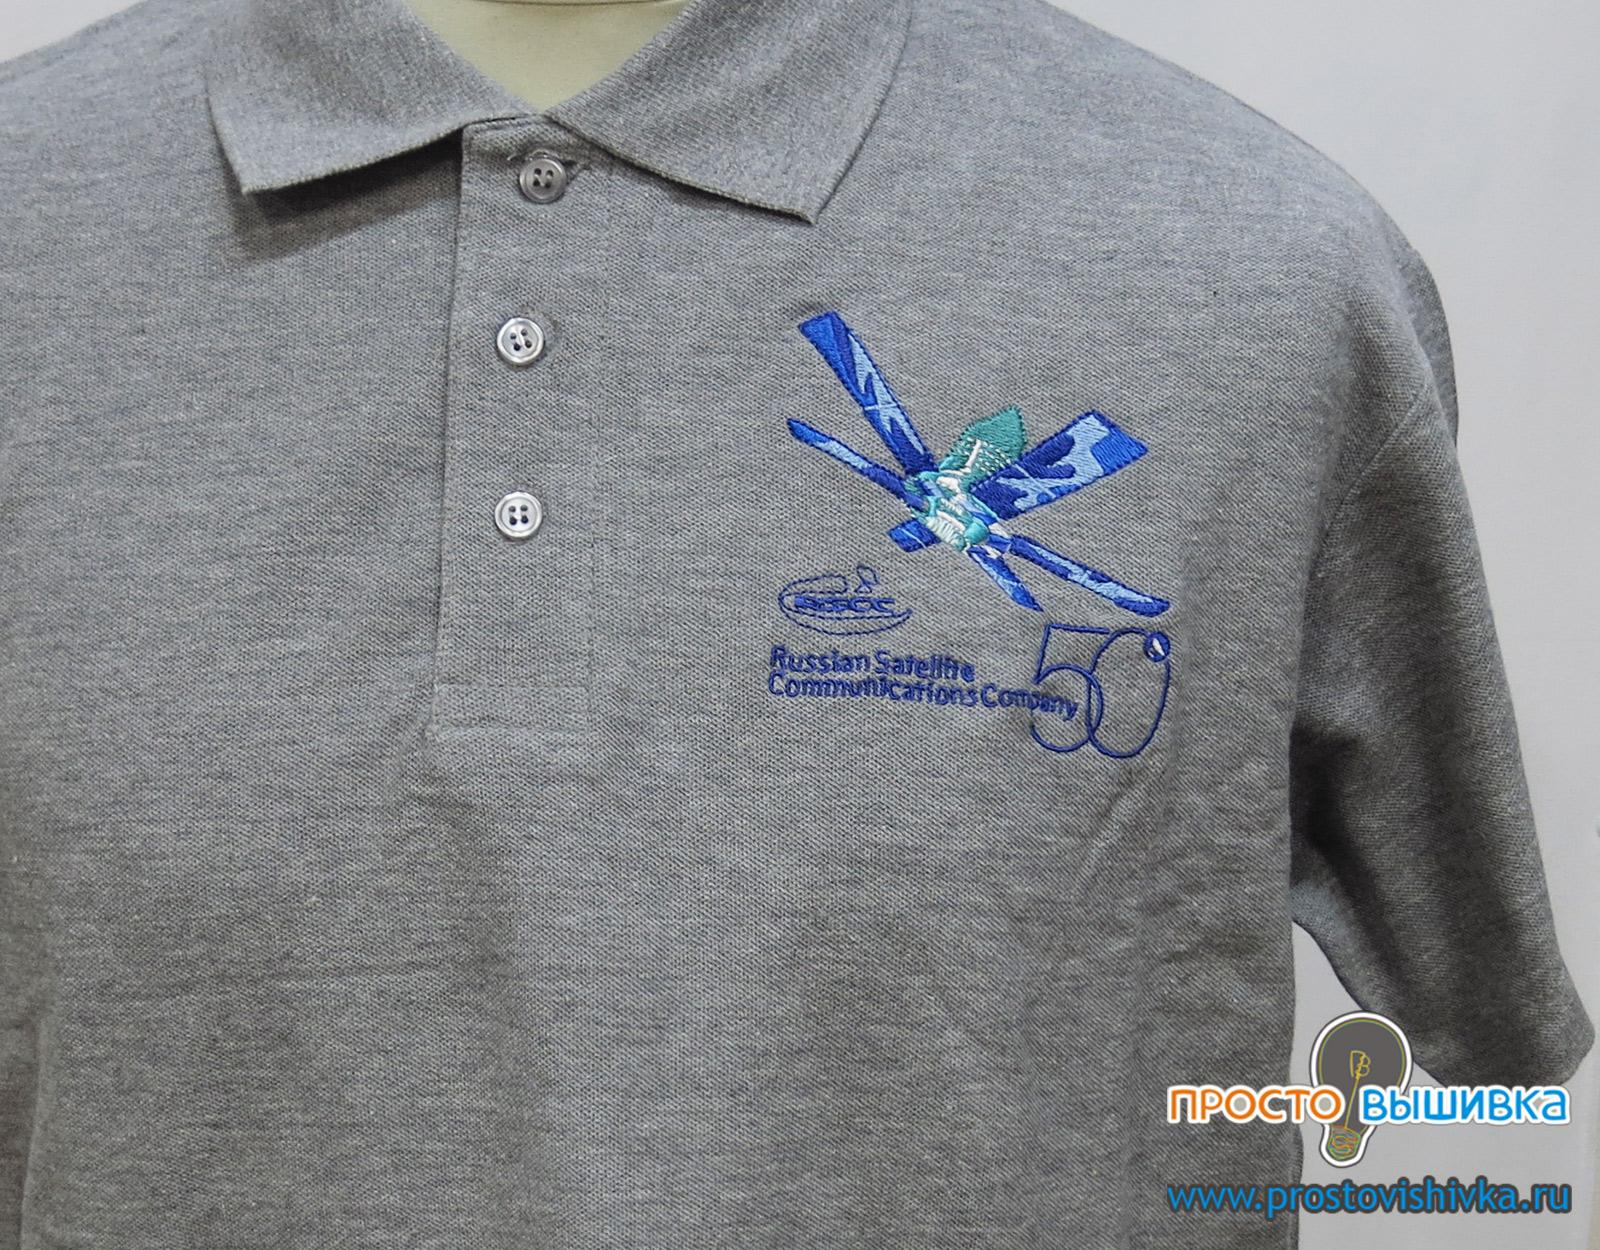 Нанесение логотипов и вышивка на поло